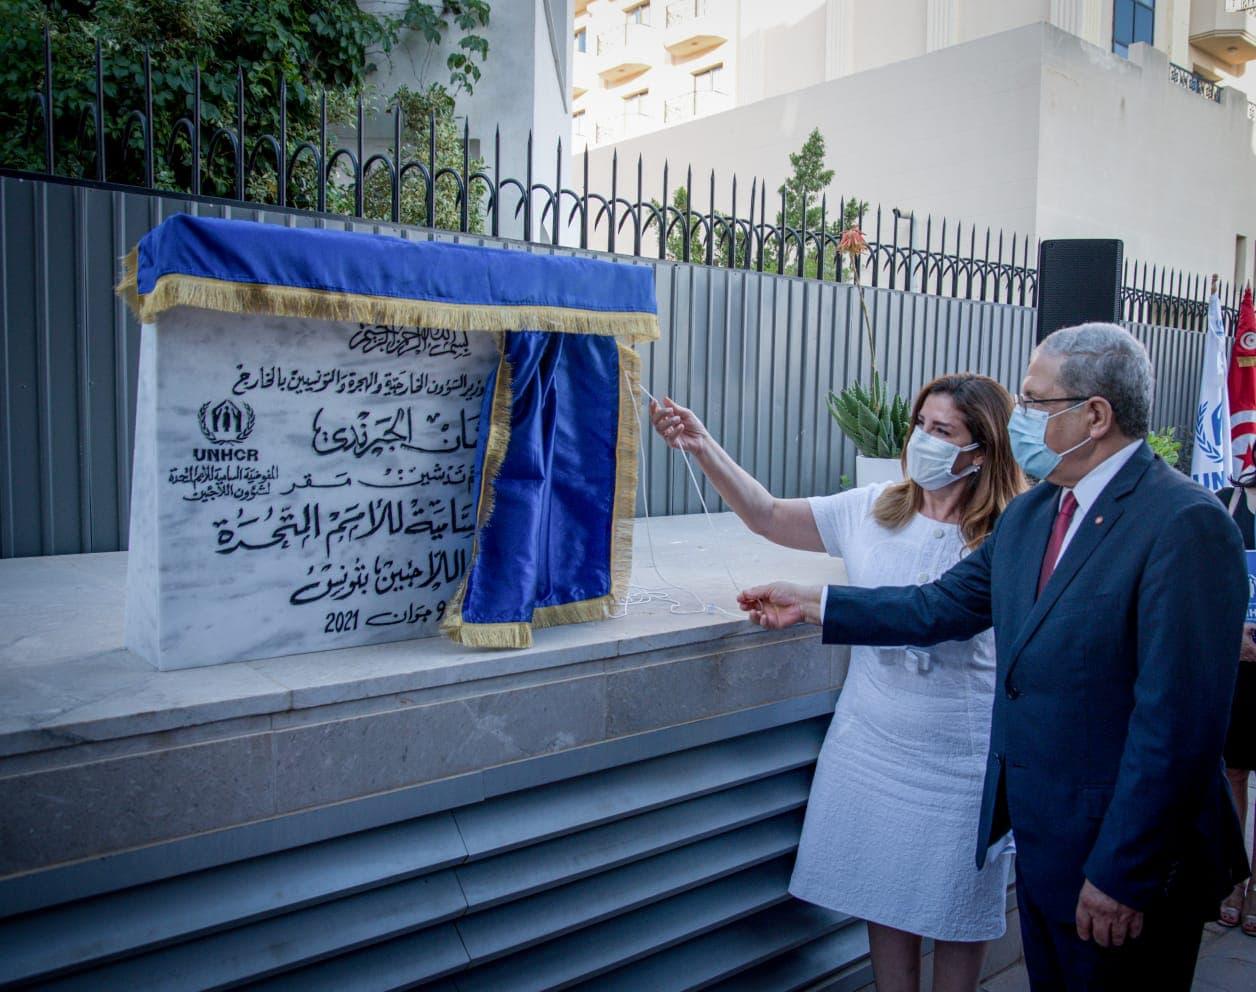 Inauguration du nouveau siège du HCR Tunisie: De nouvelles perspectives pour les réfugiés et demandeurs d'asile